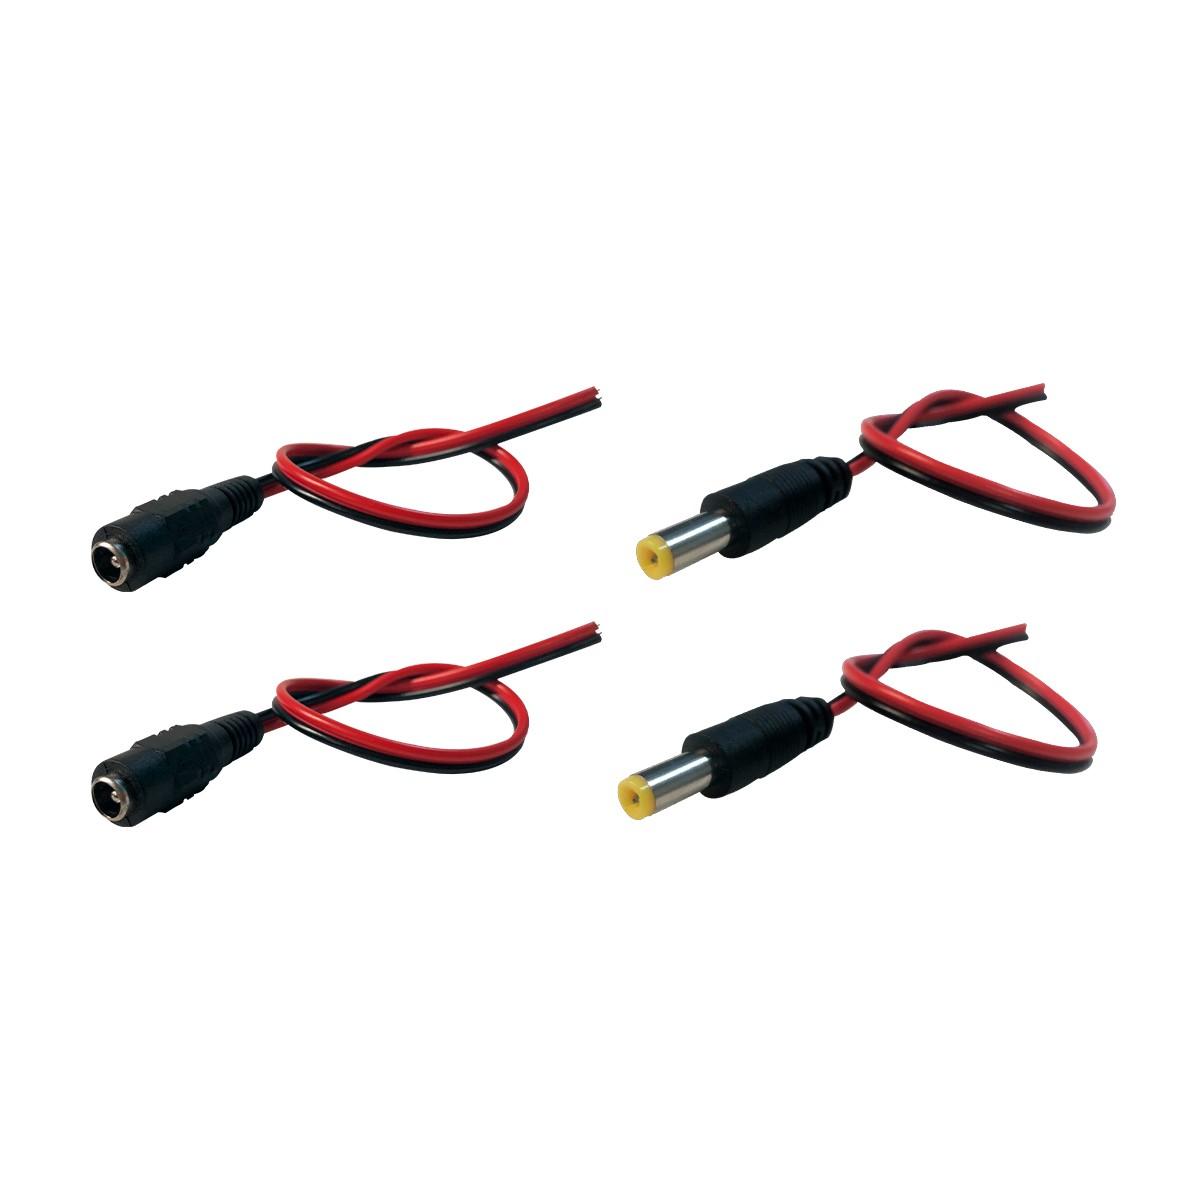 2 Unidades Cabo com Conector Plug De Energia P4 Macho + 2 Unidades Cabo com Conector Plug  P4 Fêmea